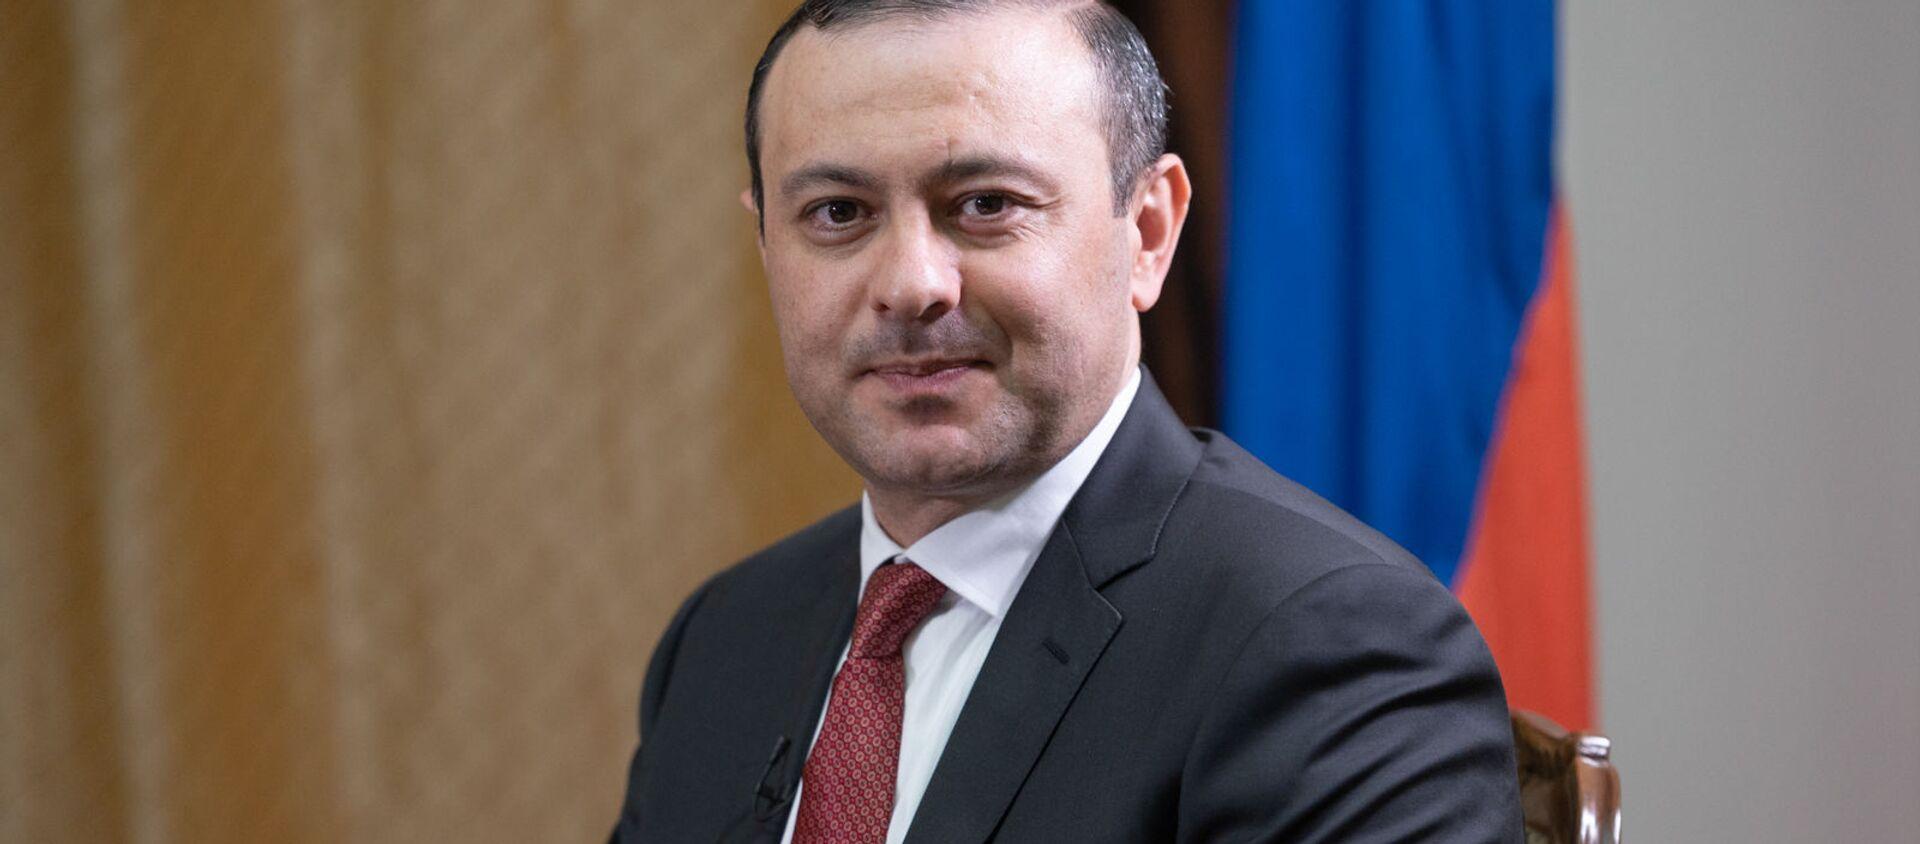 Секретарь Совета безопасности Армении Армен Григорян во время интервью агентству Sputnik Армения - Sputnik Армения, 1920, 06.07.2021